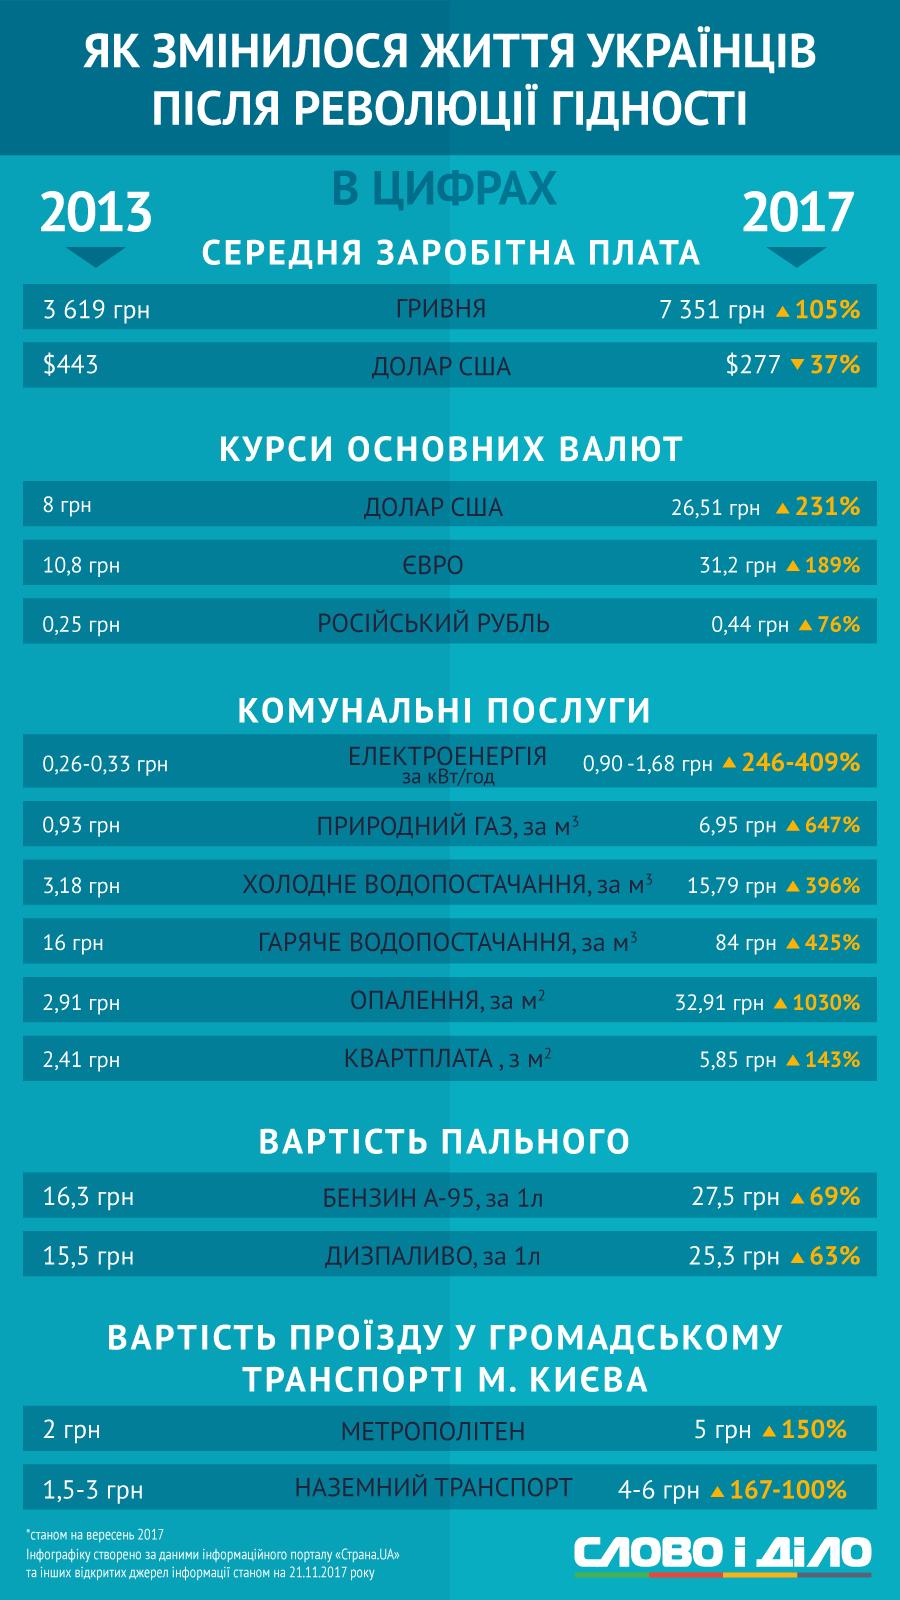 Как изменилась жизнь украинцев